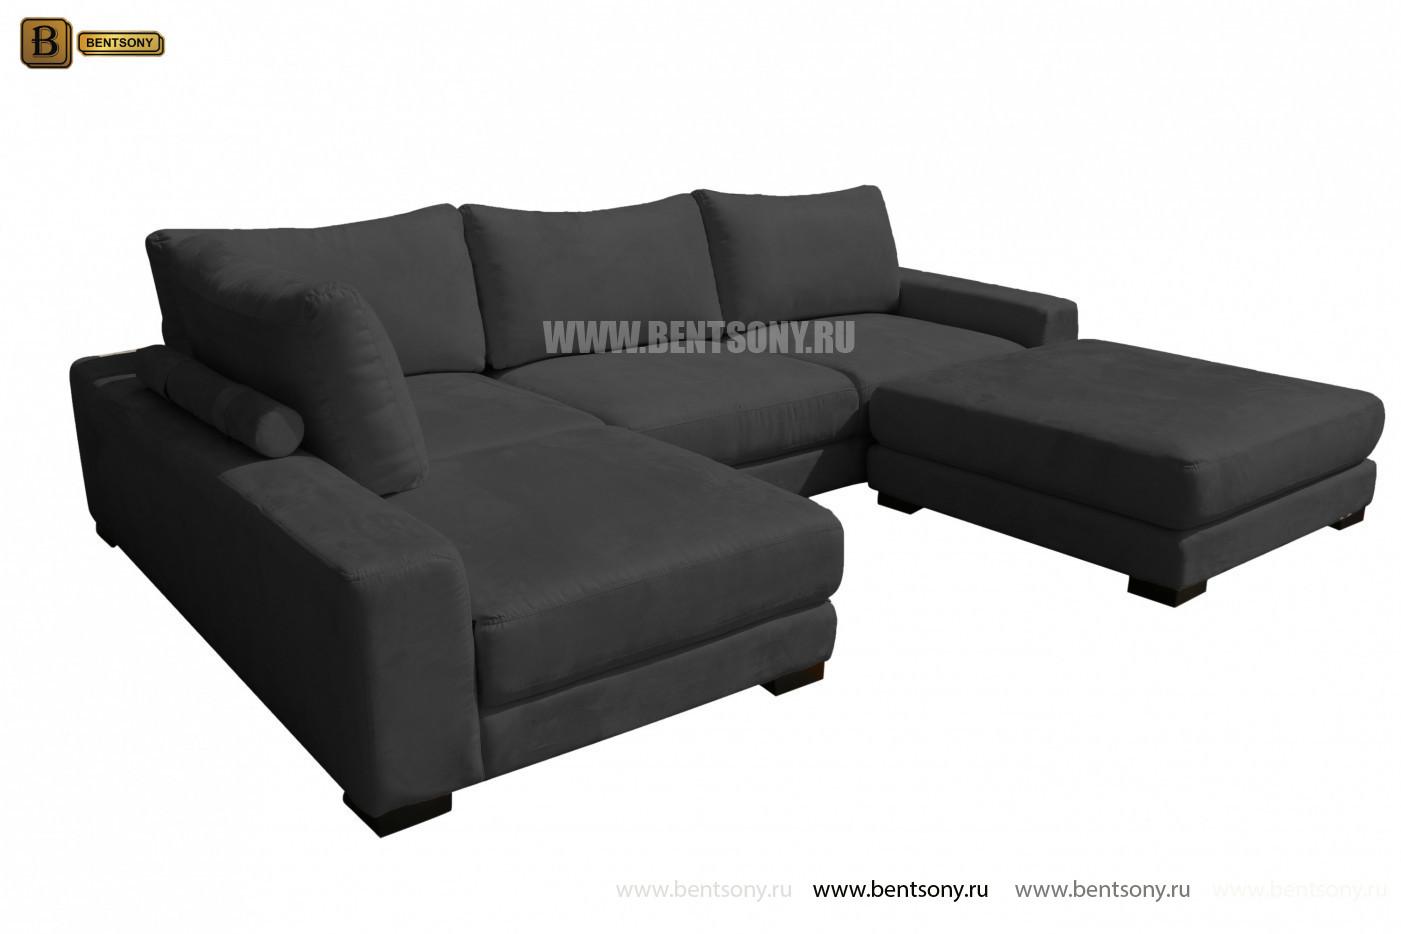 Большой модульный диван Луиджи черный